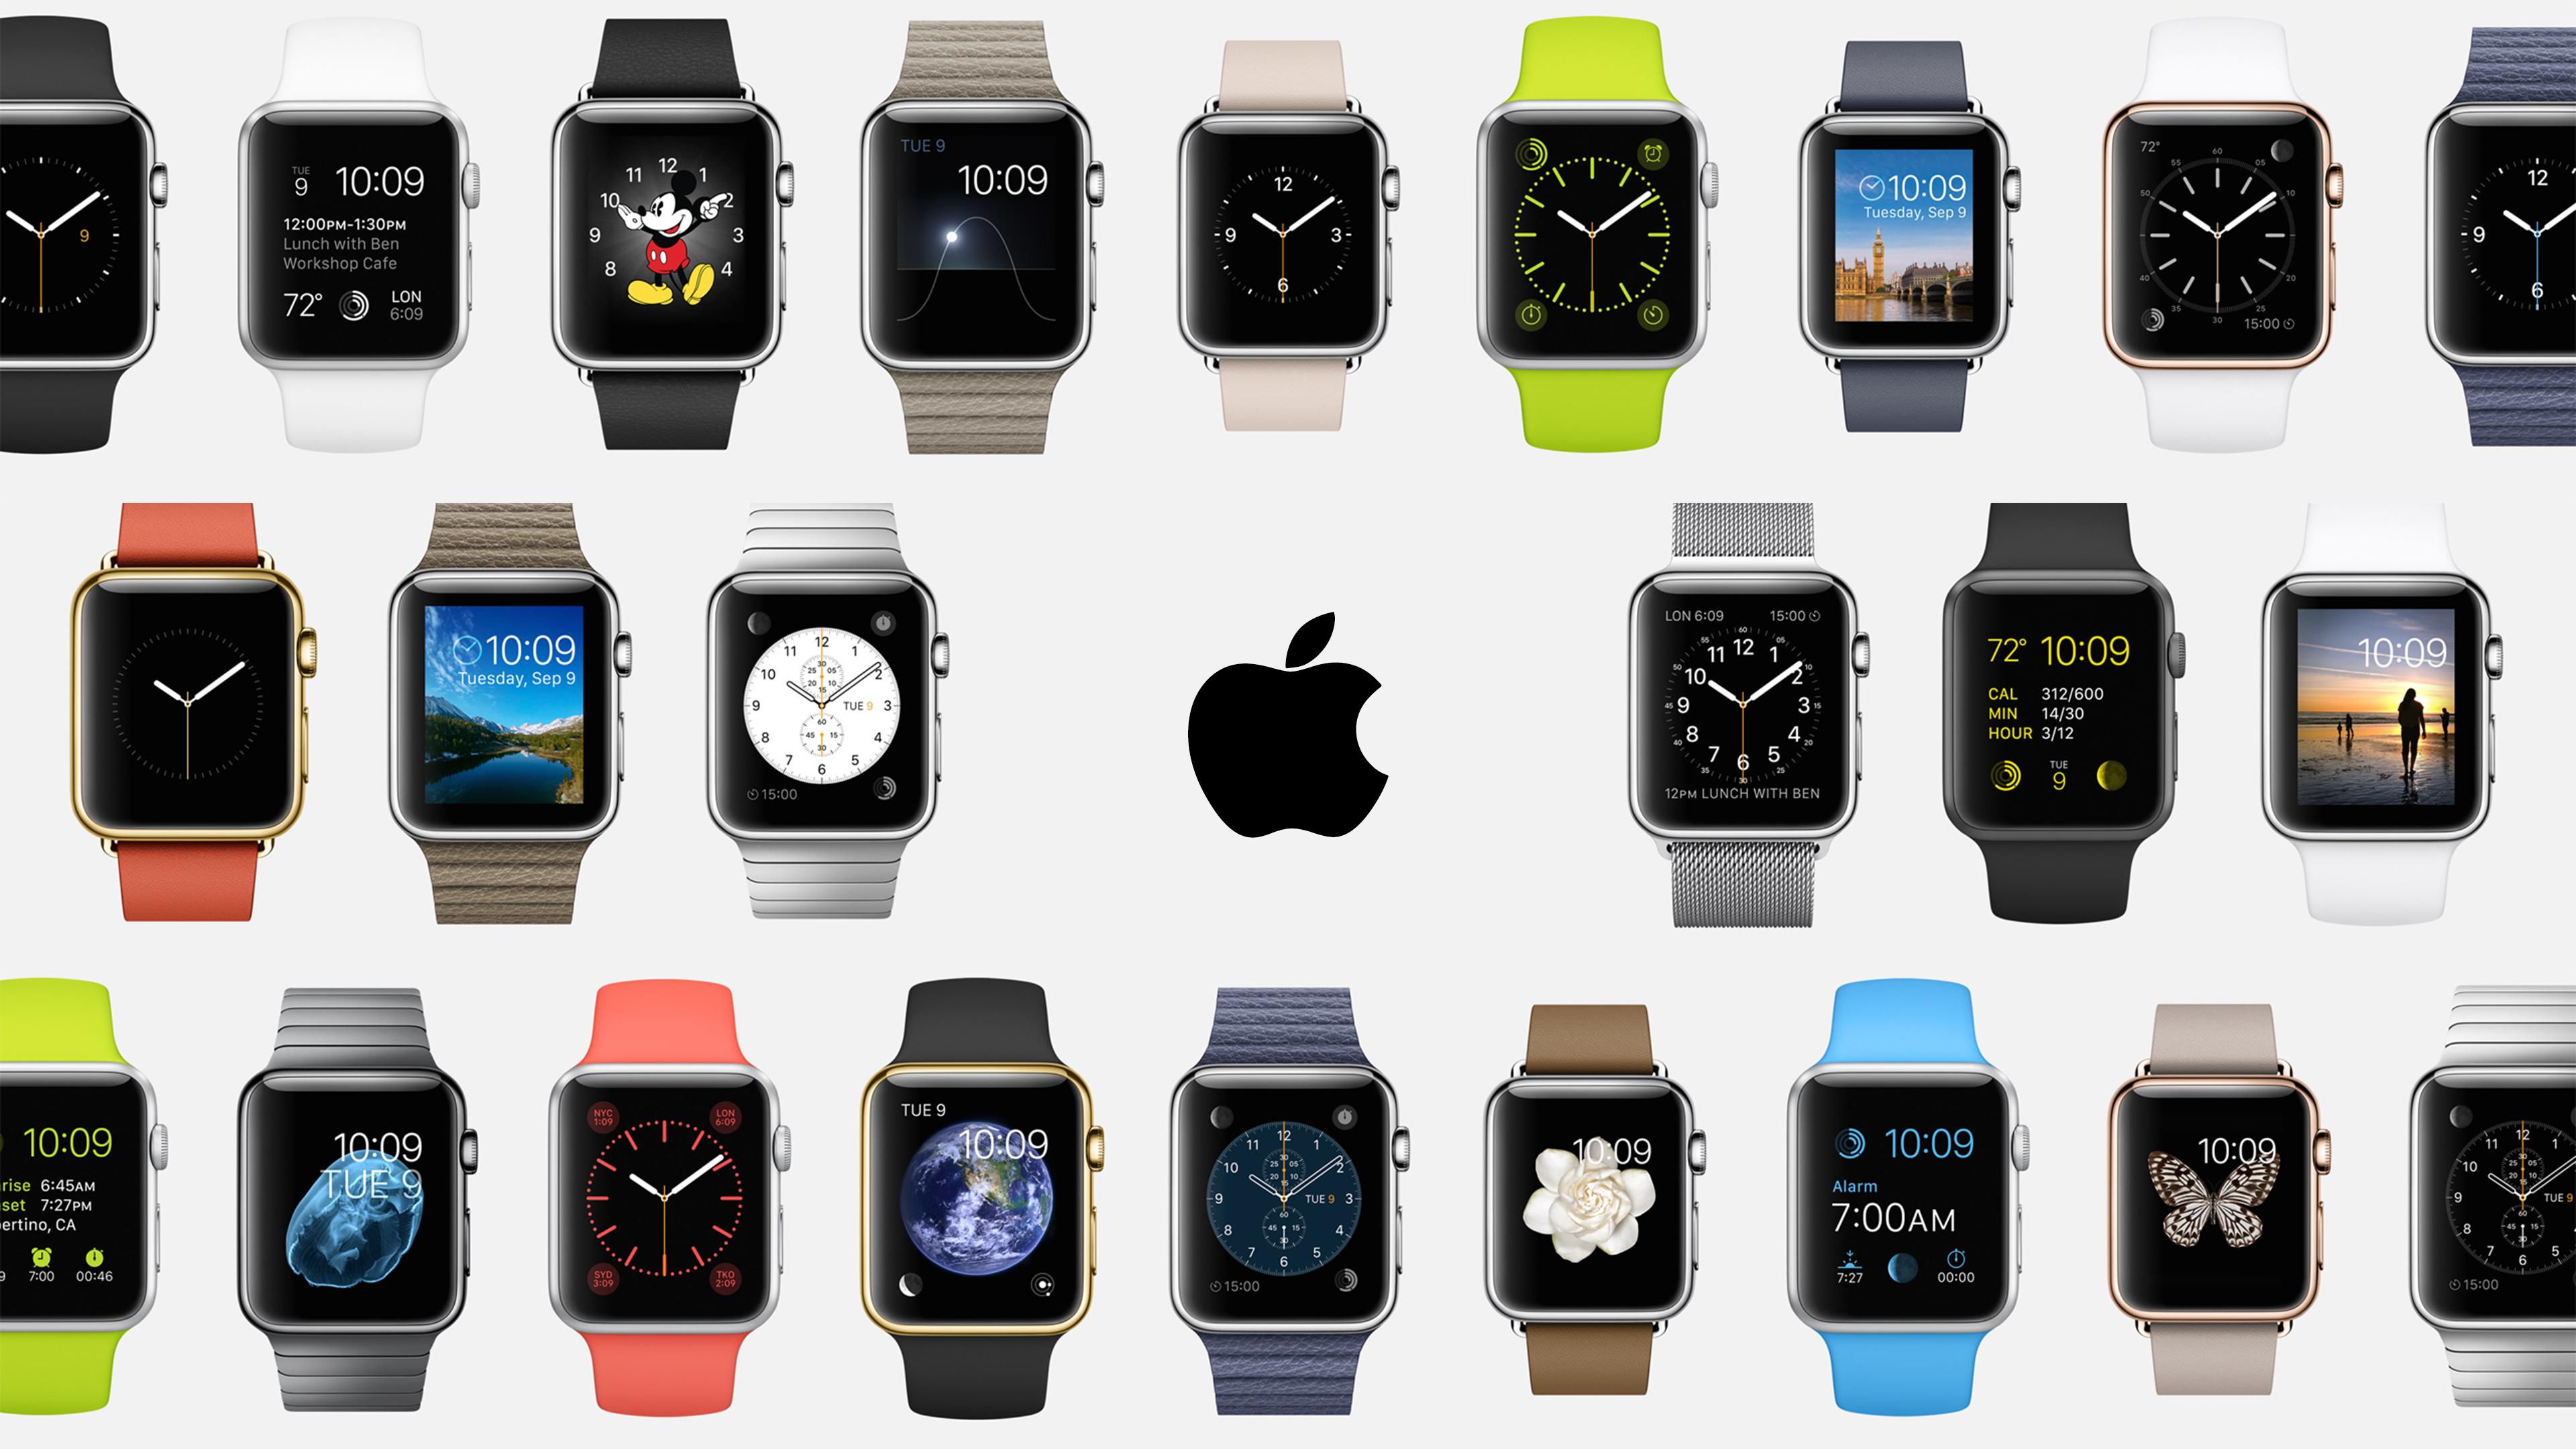 watch_apple_watch_by_krystalserenity-d7ymtaz